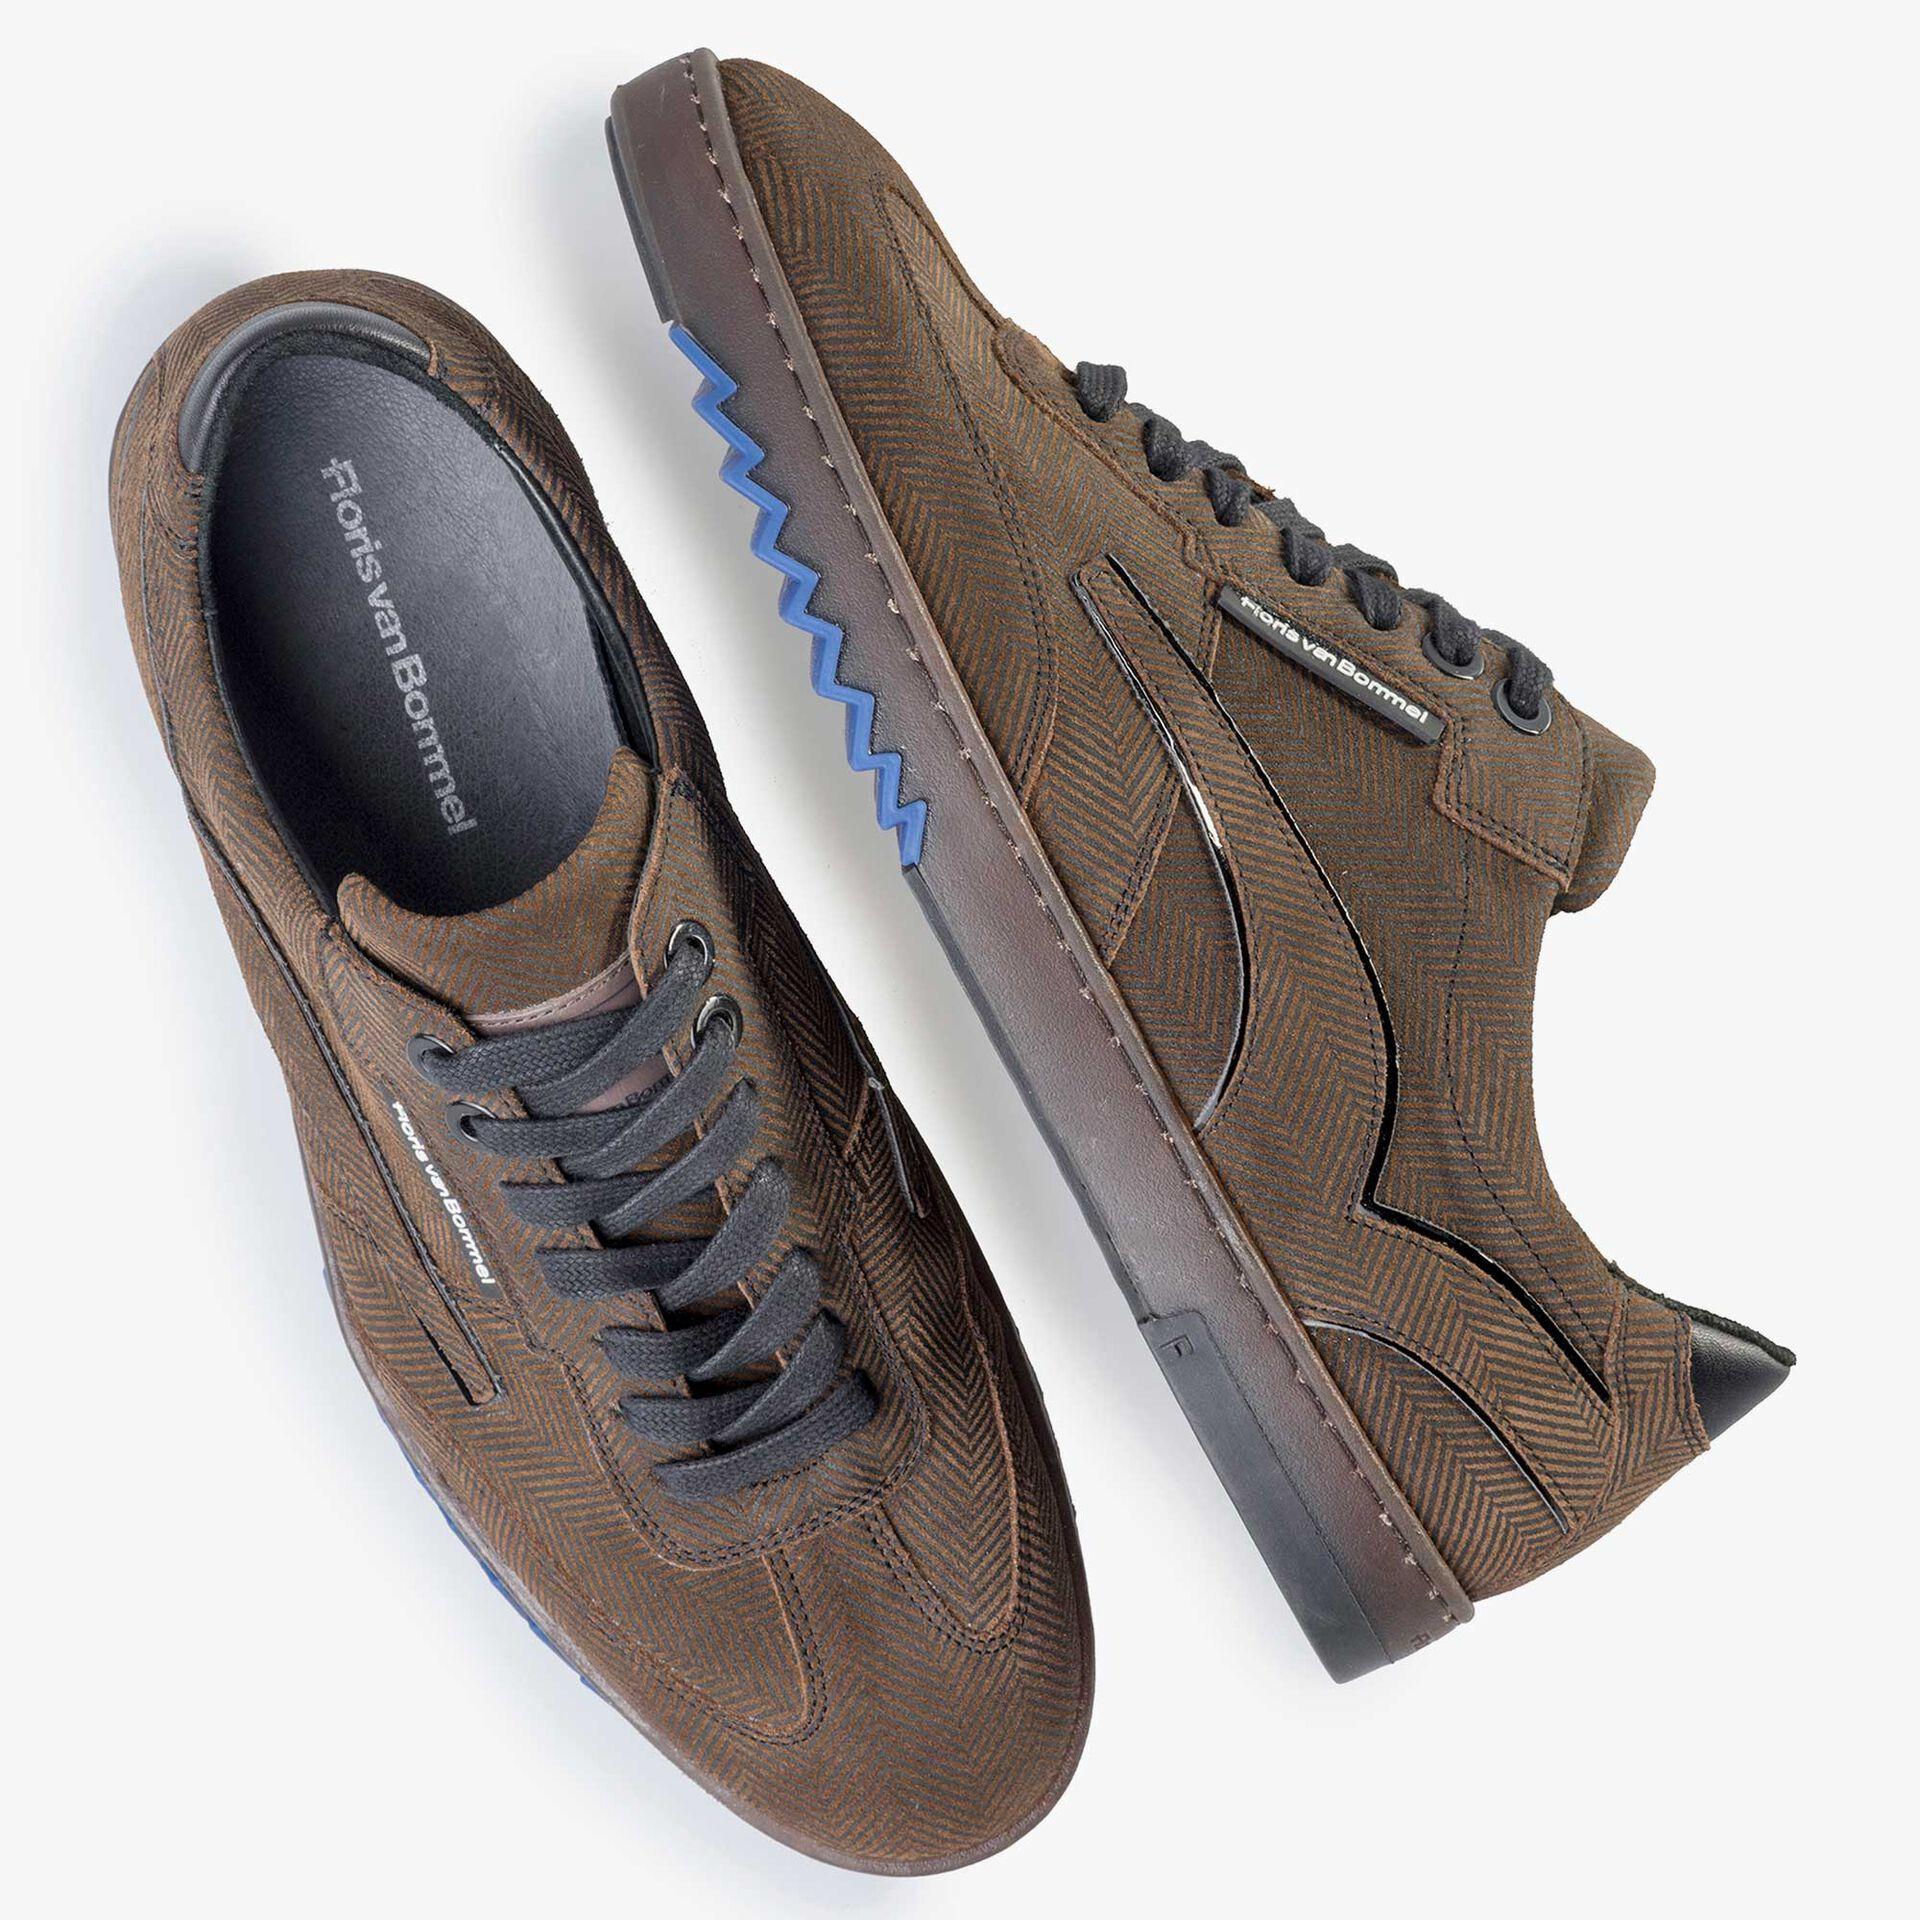 Floris van Bommel men's brown suede leather sneaker finished with a herringbone print